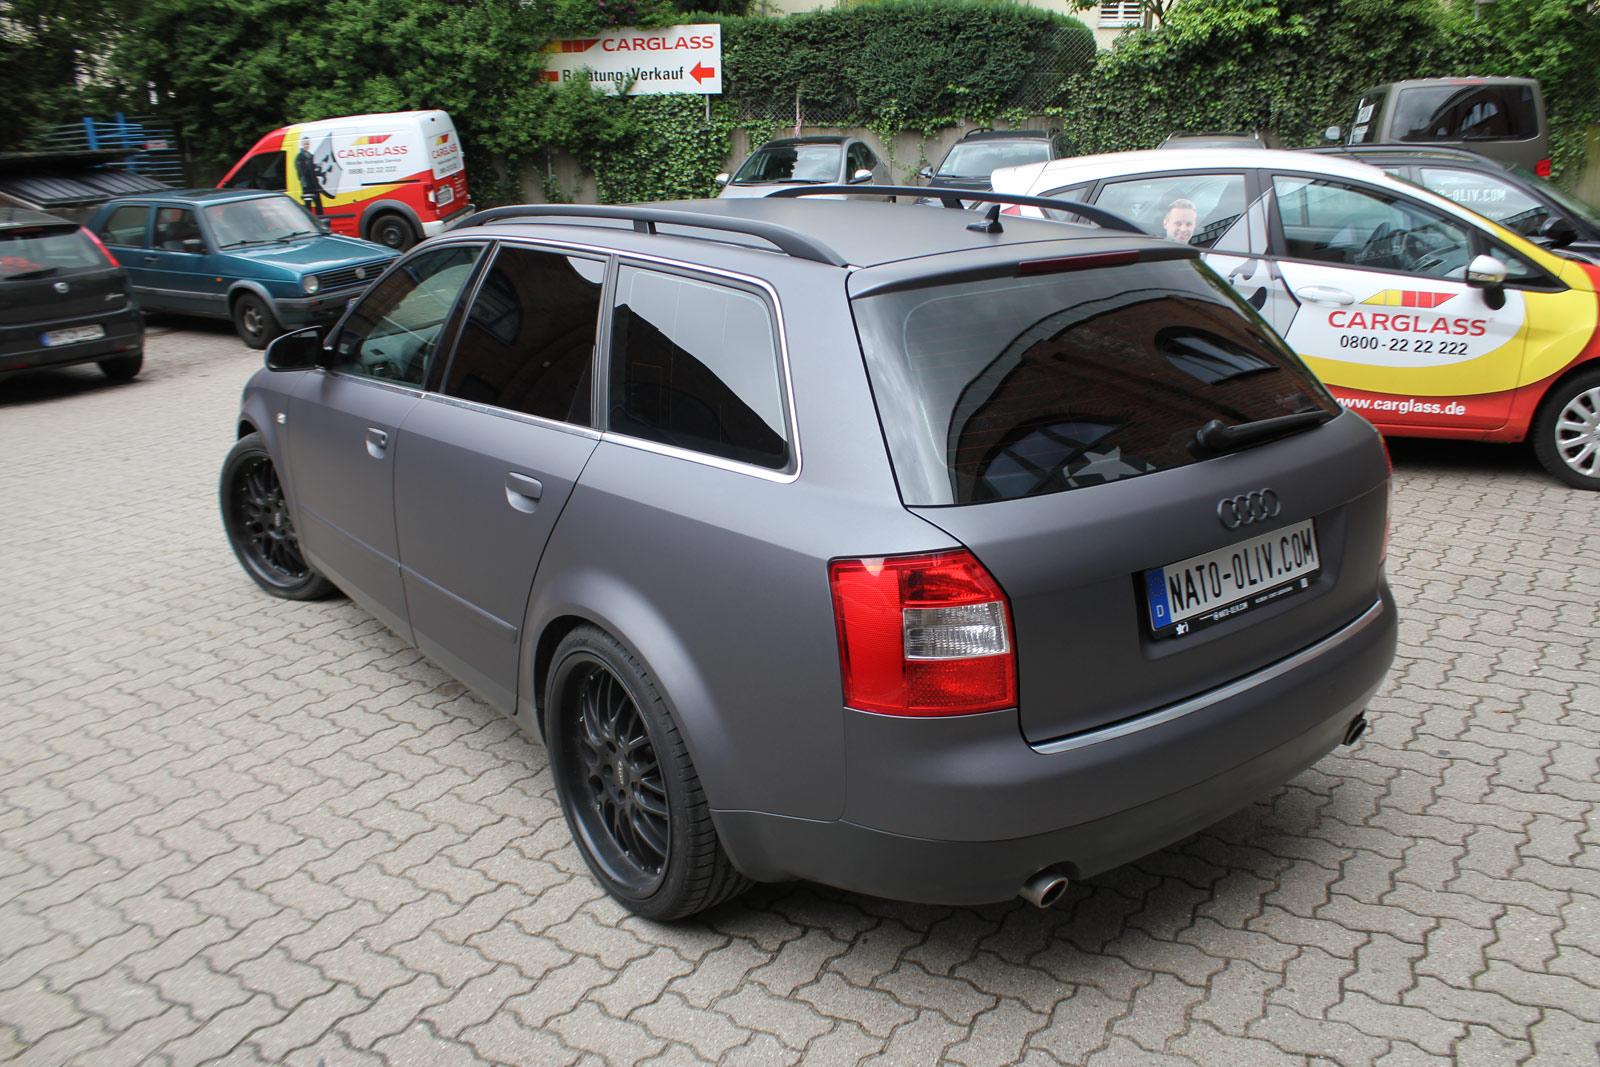 Heckansicht des Audi A4 Avant in anthrazit matt metallic mit zusätzlicher Scheibentönung.